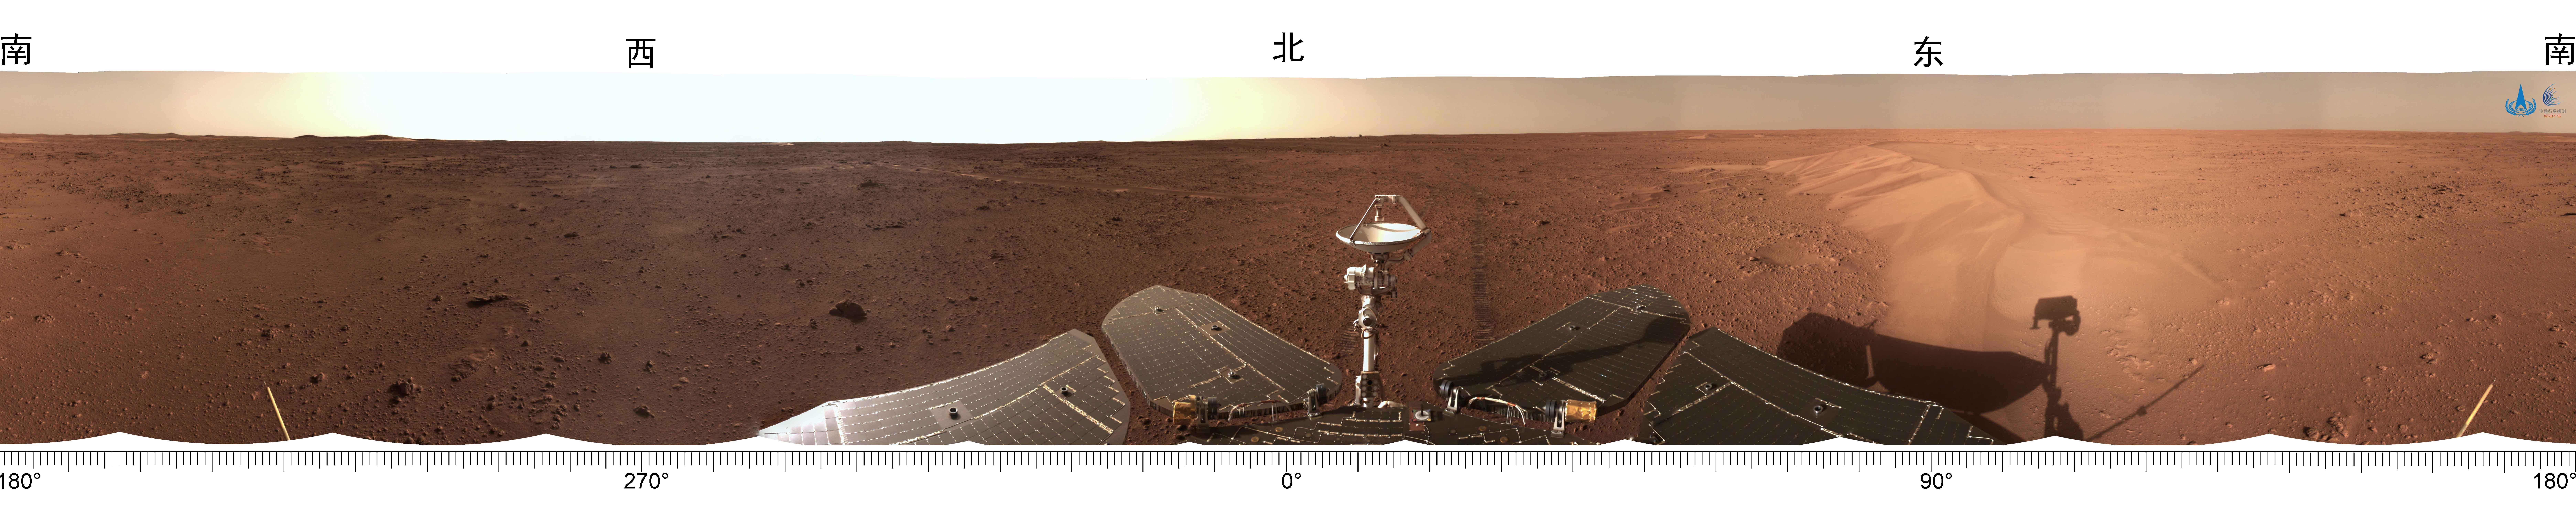 Китайський марсохід Zhurong надіслав нове панорамне фото марсіанської пустки (ФОТО) - фото 2